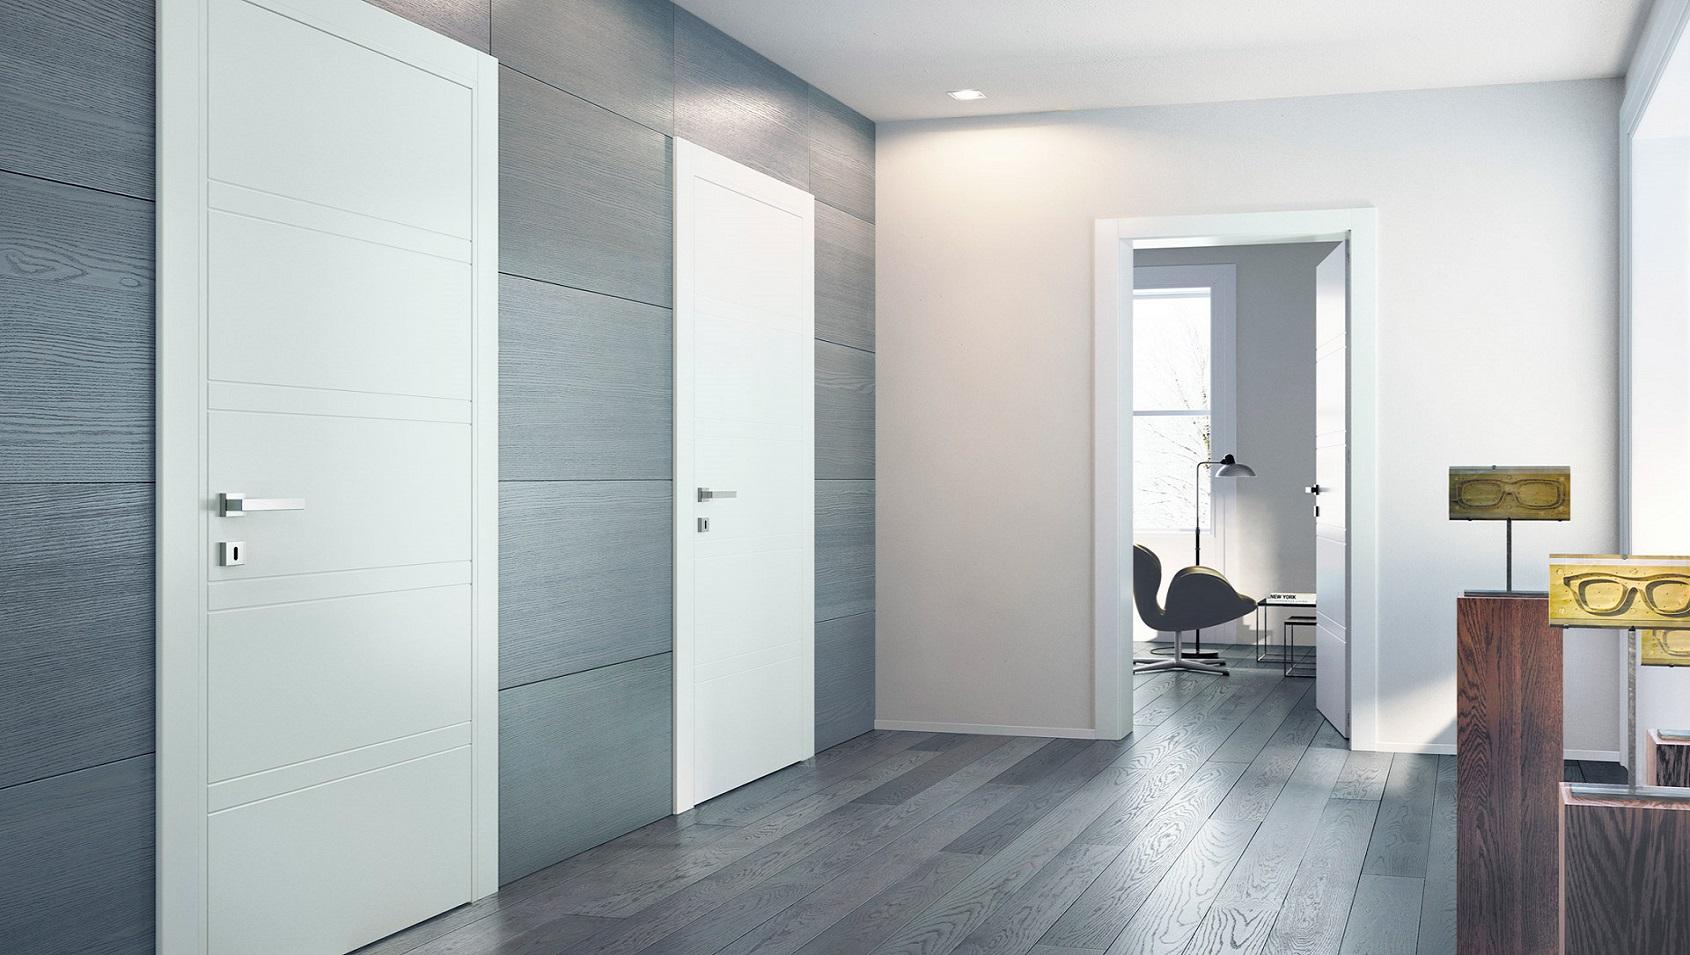 Biser porte per interni porte per hotel porte tagliafuoco porte rei porte blindate - Porte per interni leroy merlin ...